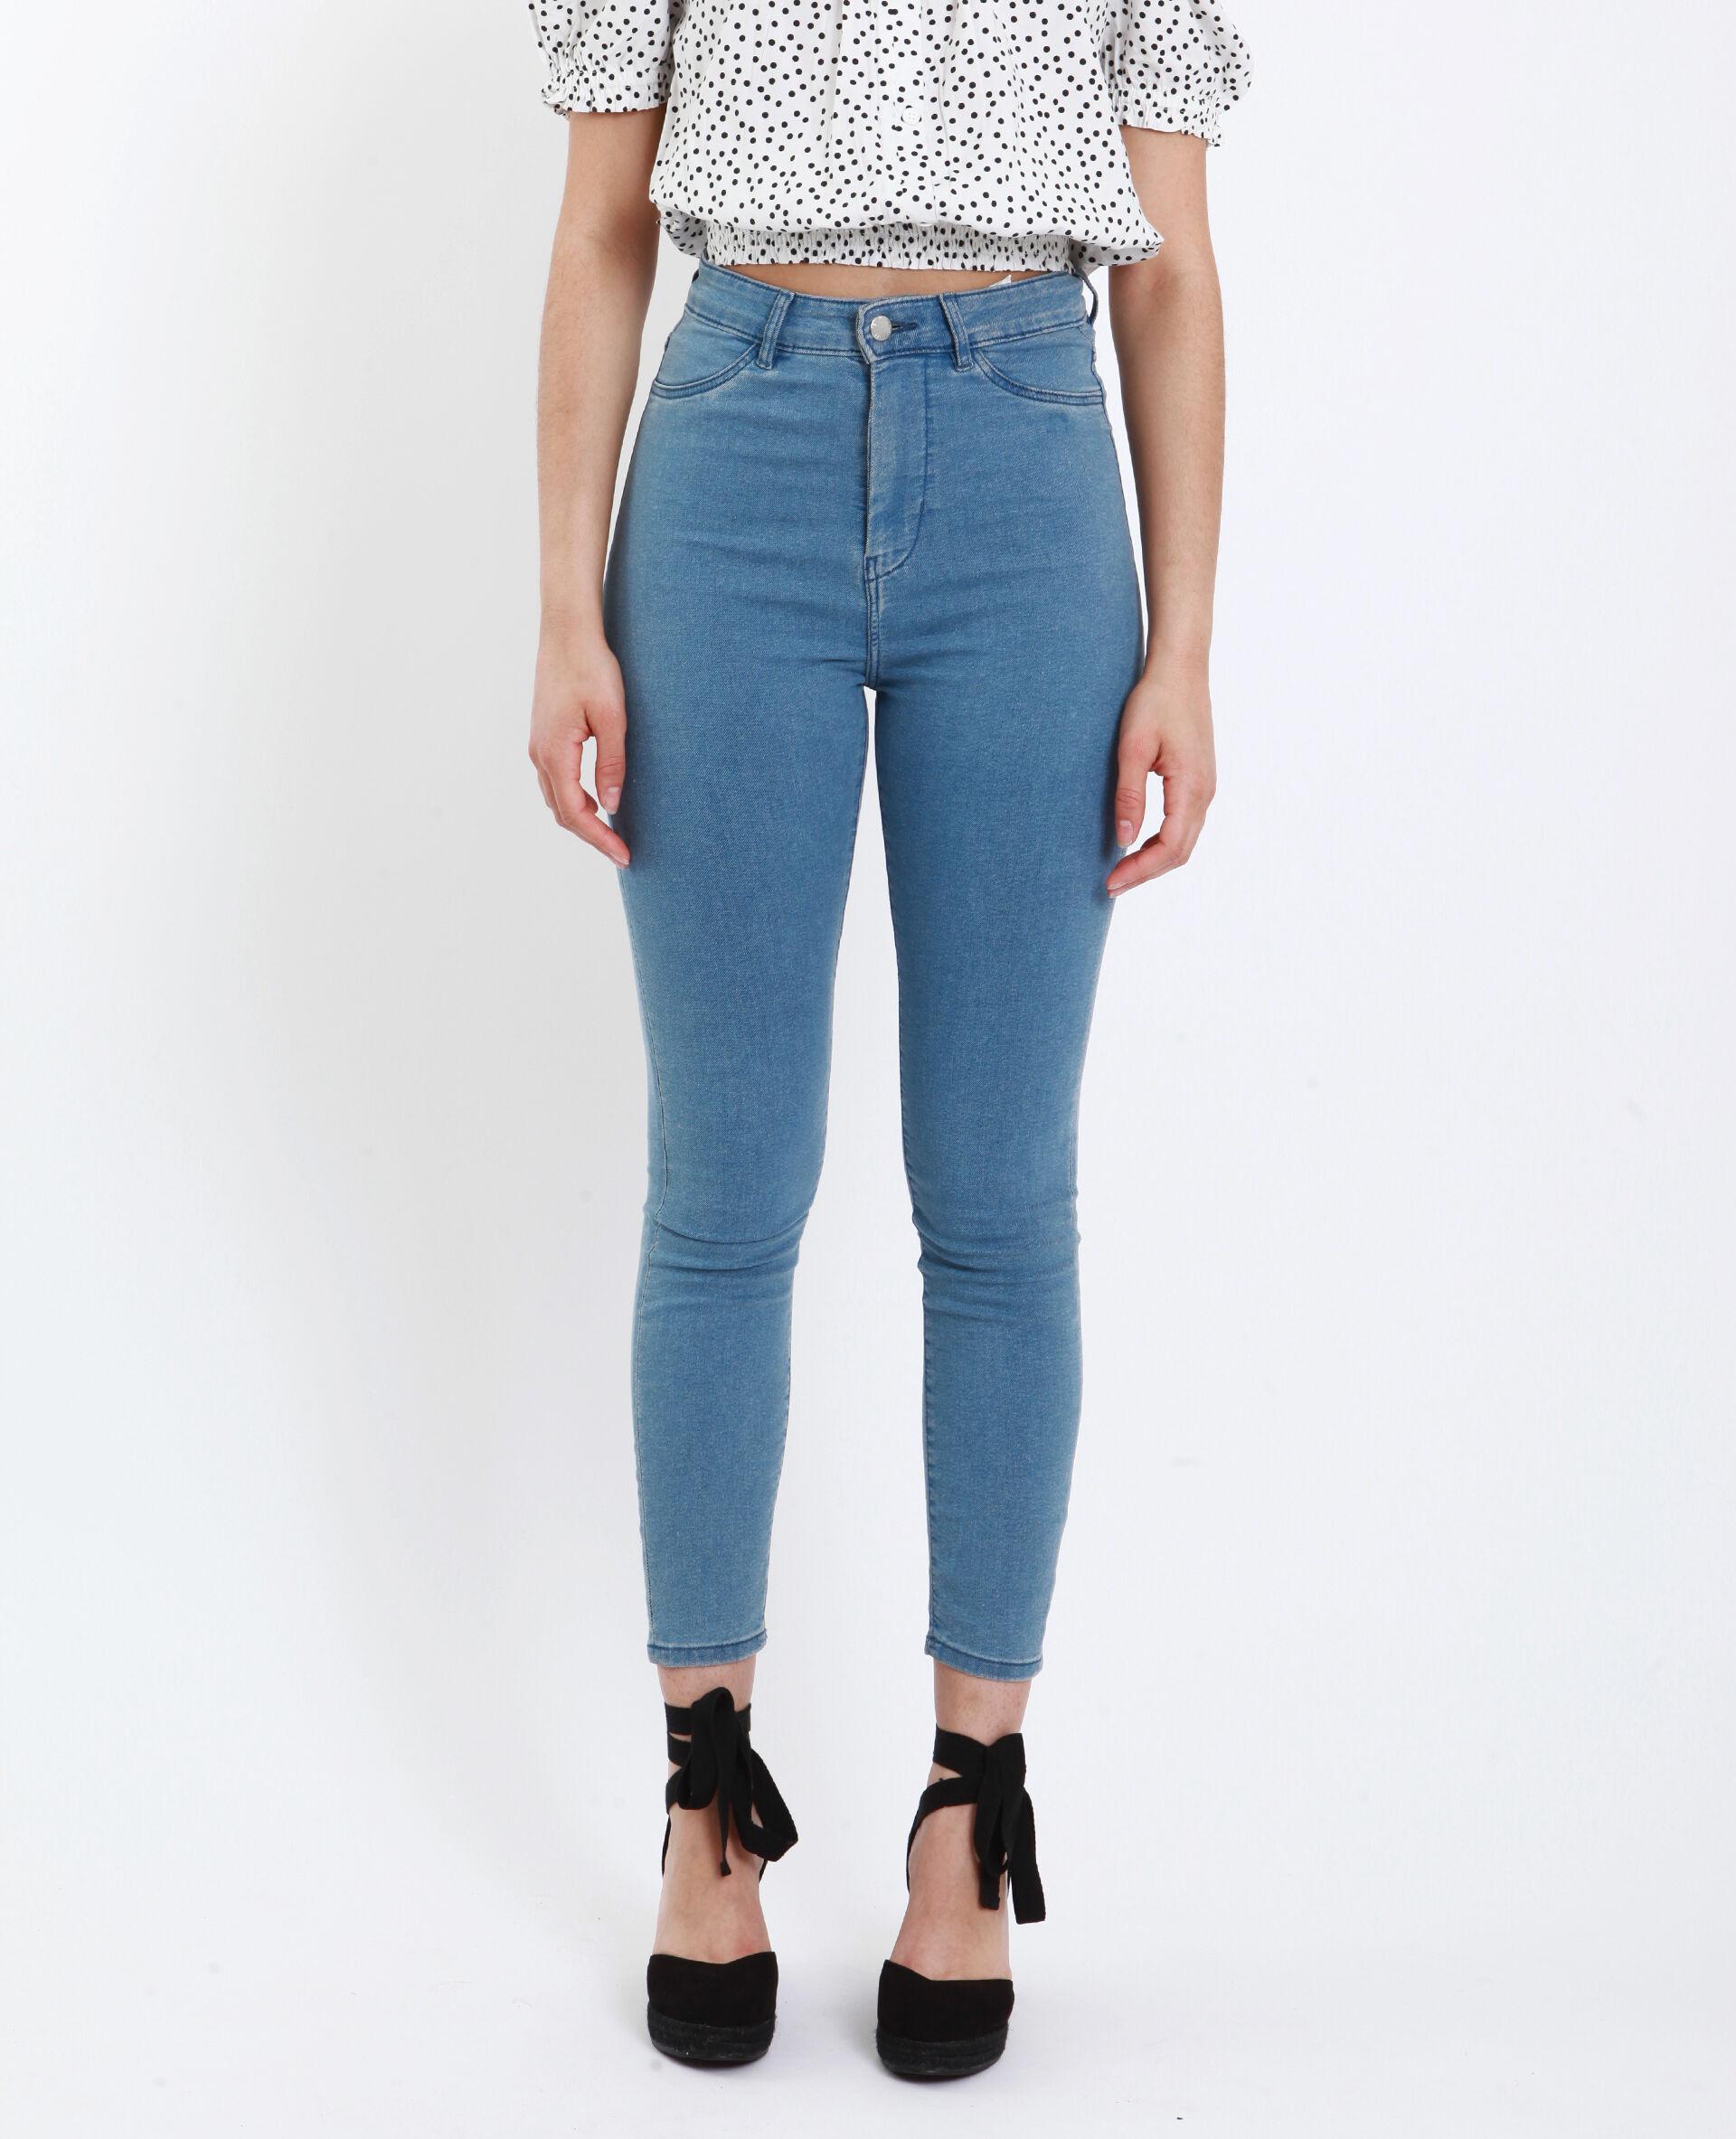 Original 12 Mois Pantalon Souple Imitation Jean Vêtements, Accessoires